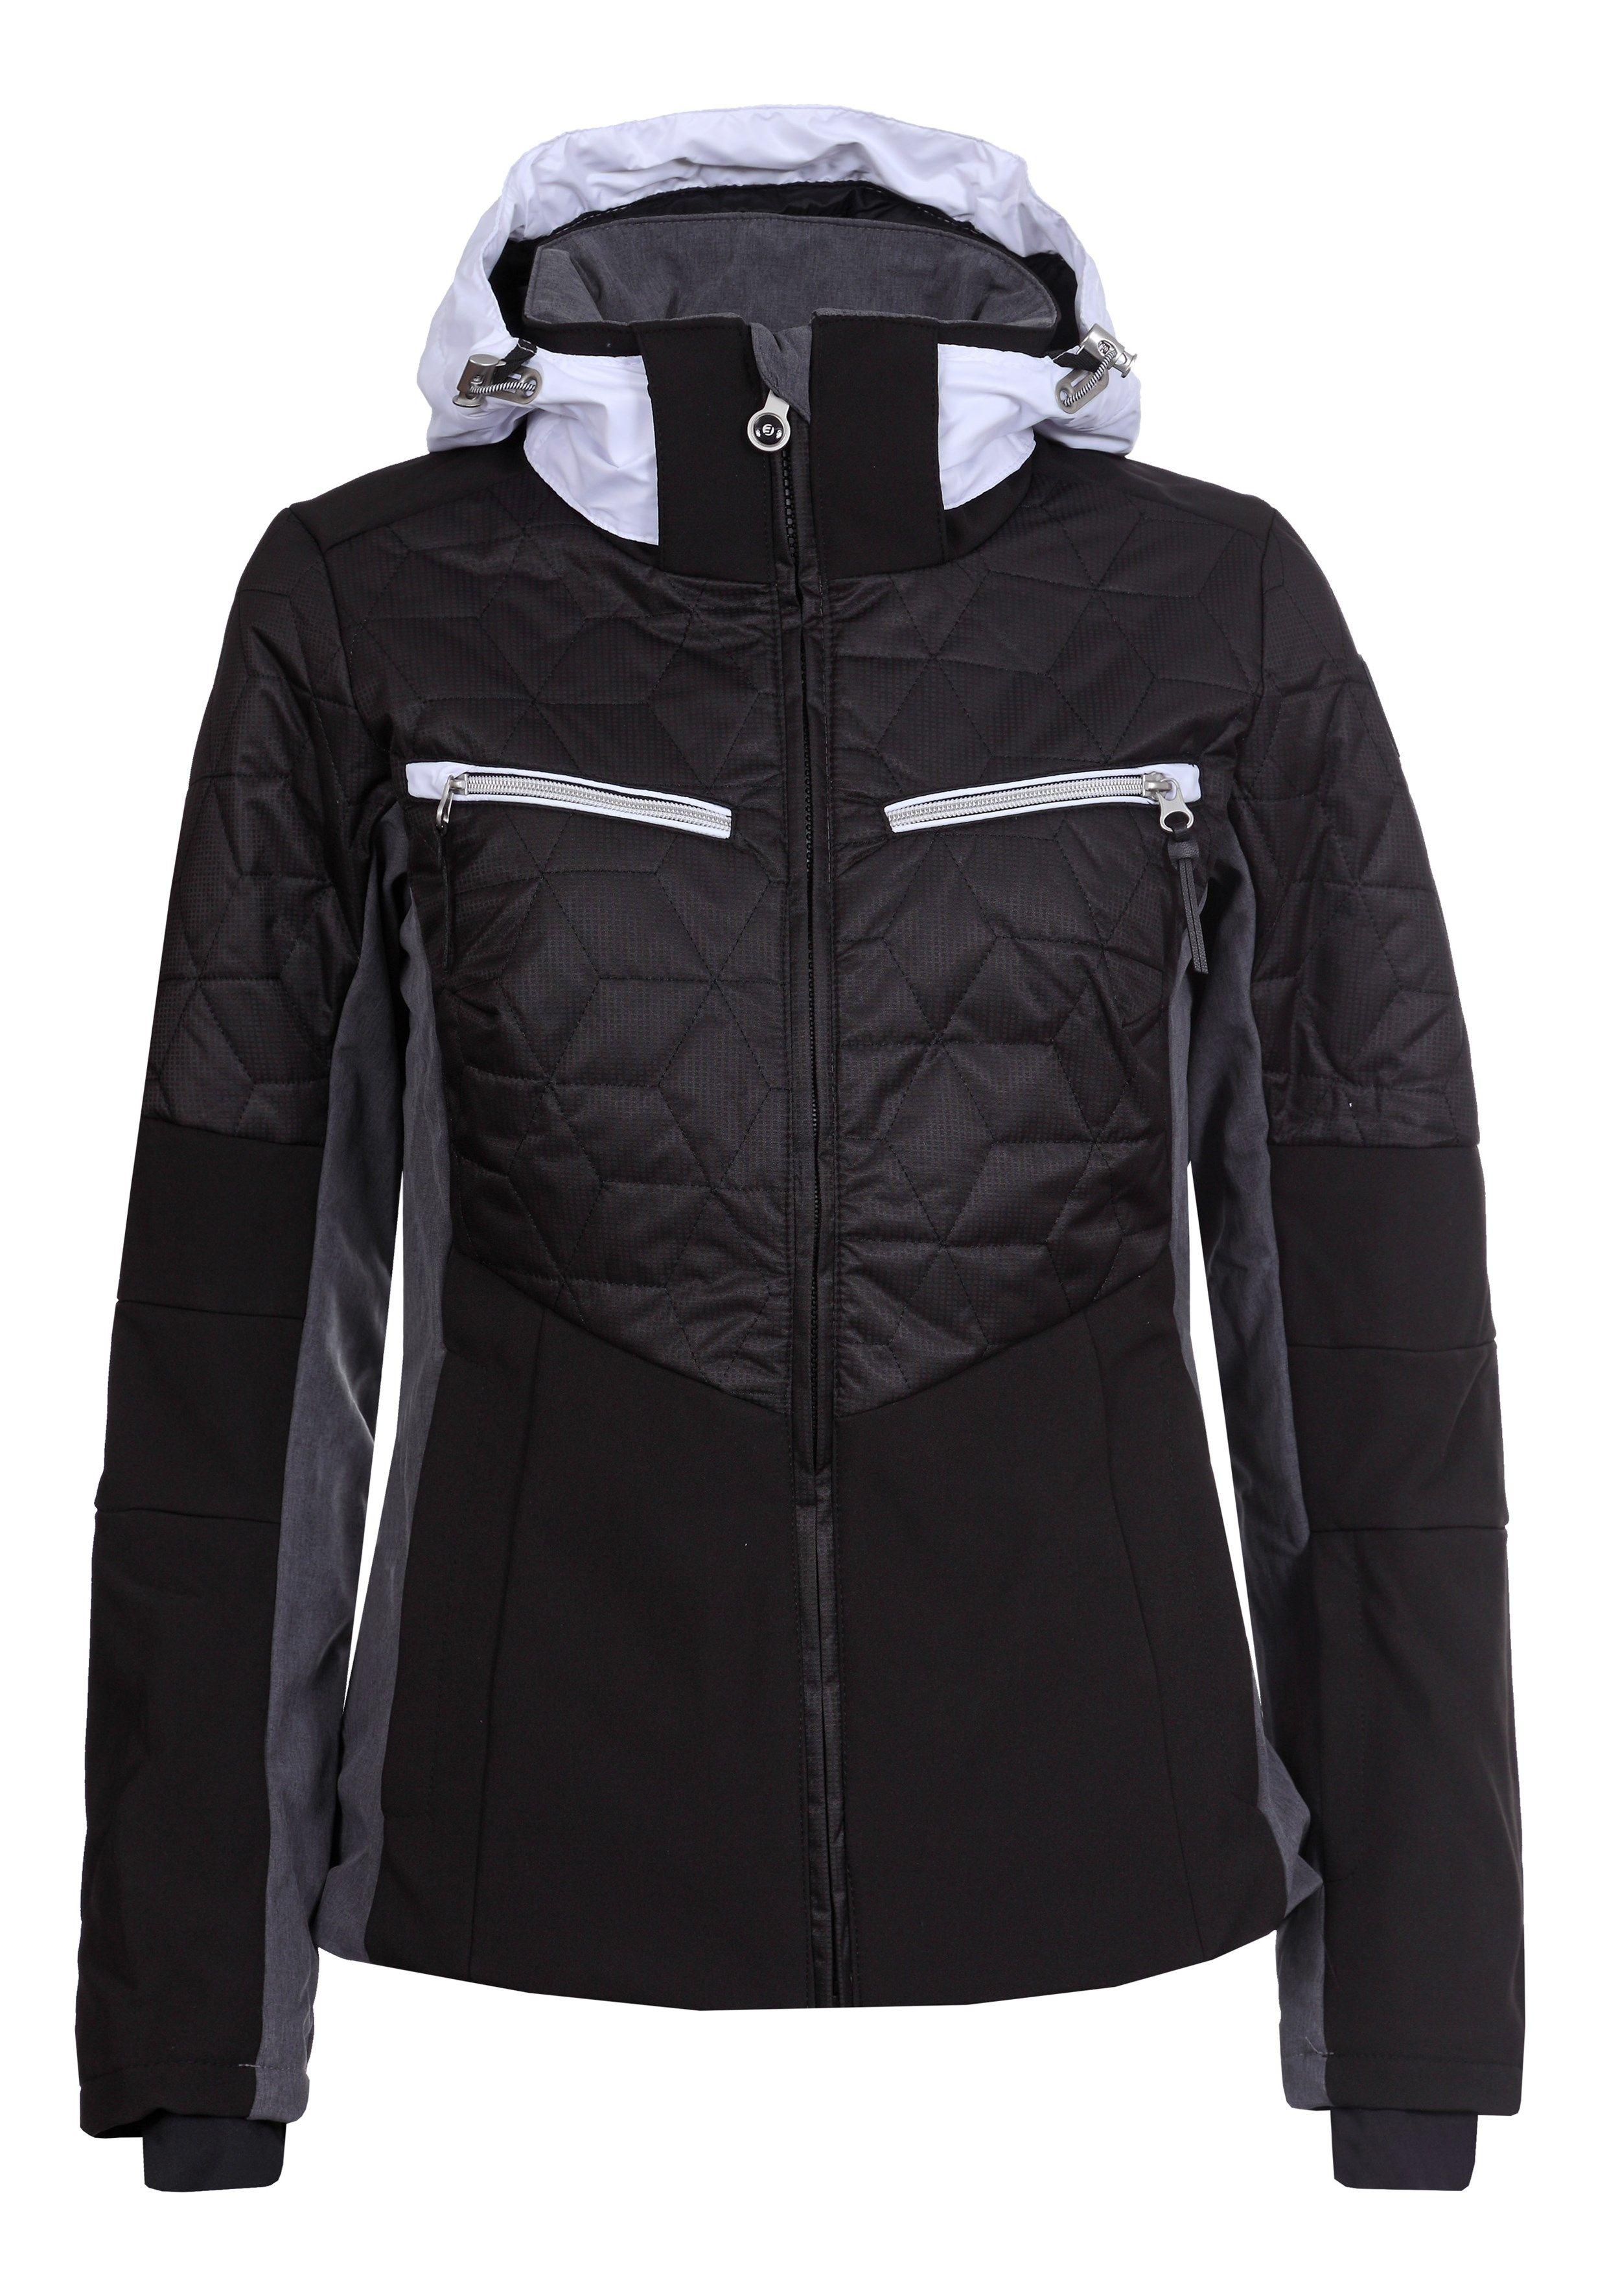 Dámska lyžiarska softshellová bunda Icepeak Chloe čierna col. 990 f281d6abbc1